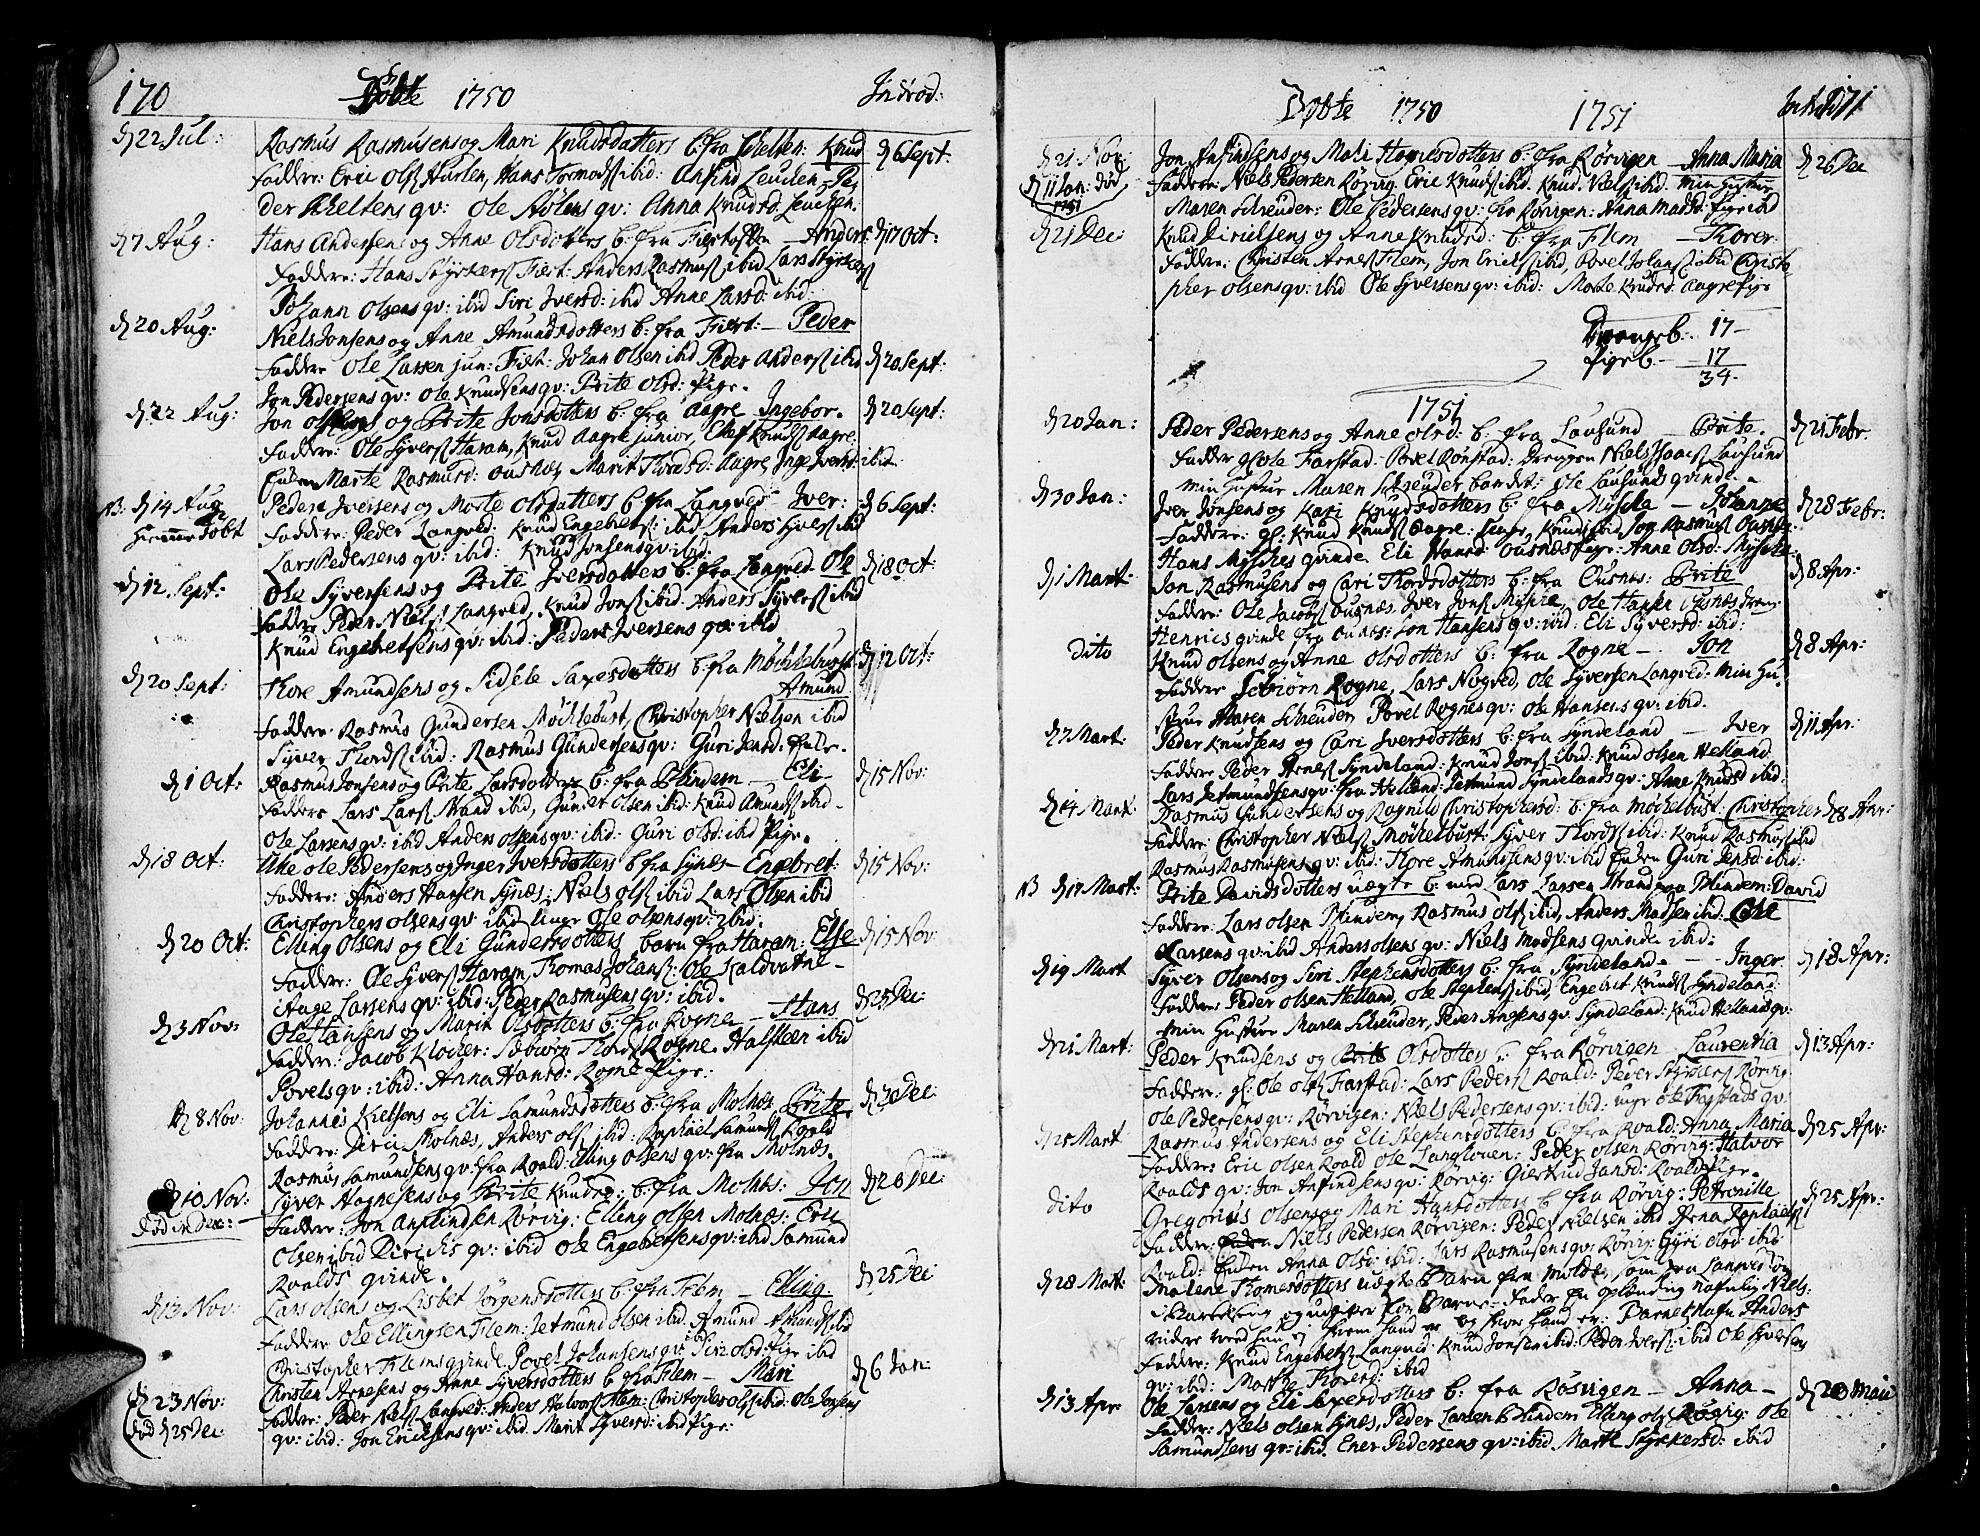 SAT, Ministerialprotokoller, klokkerbøker og fødselsregistre - Møre og Romsdal, 536/L0493: Ministerialbok nr. 536A02, 1739-1802, s. 170-171